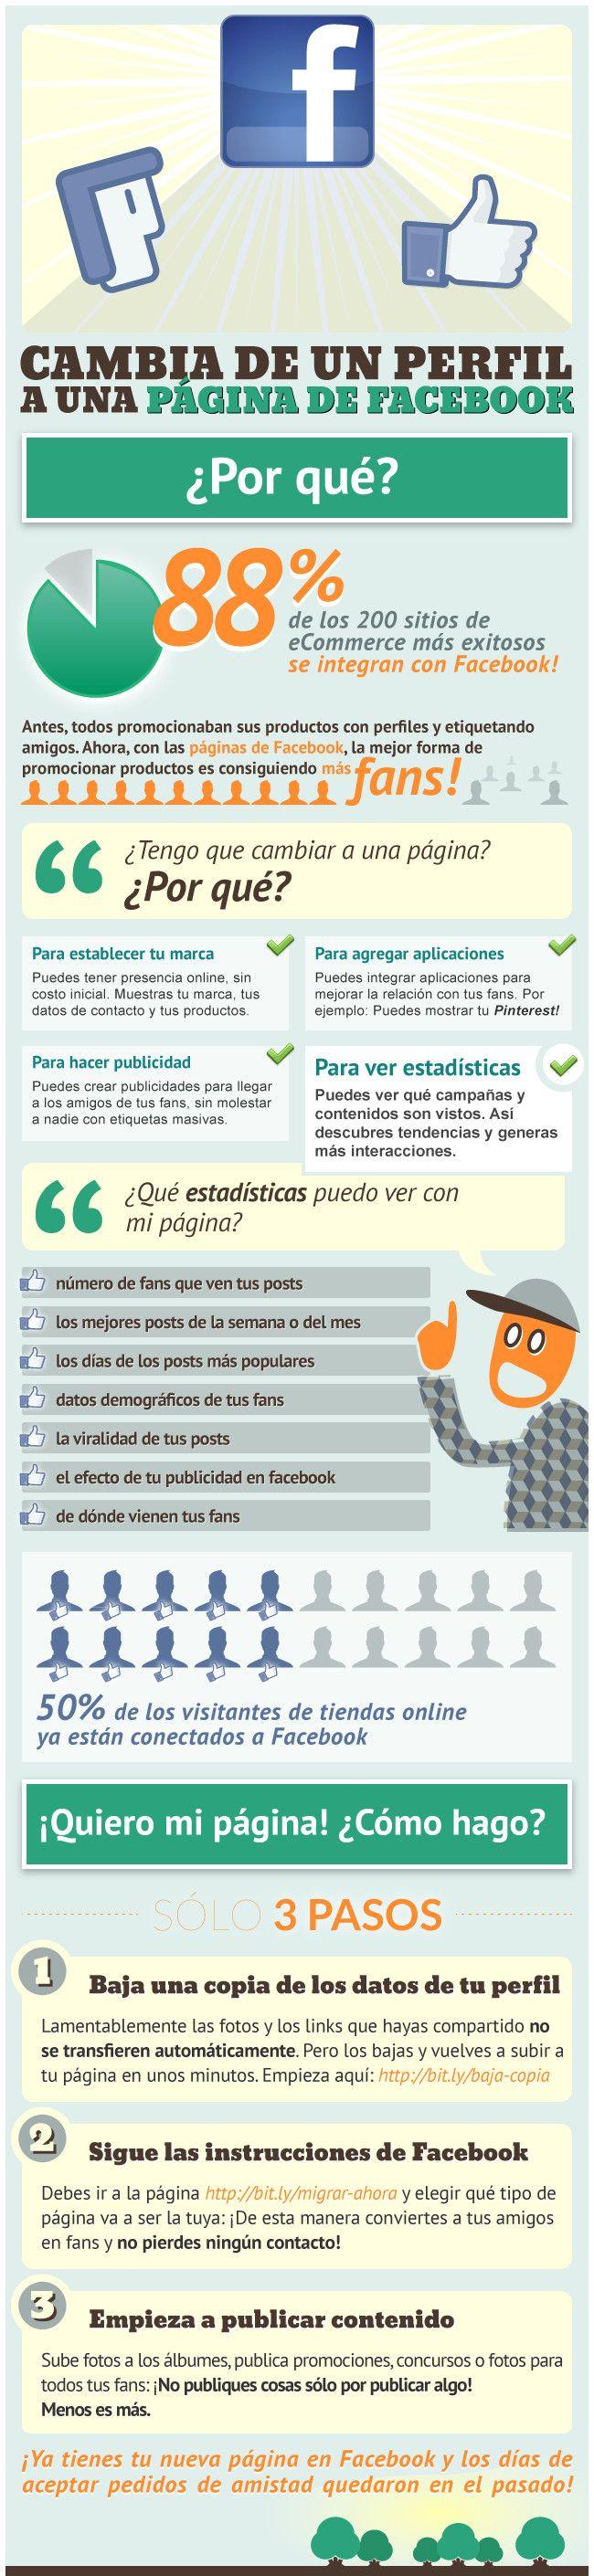 Por qué cambiar de un perfil a un Fan Page #Facebook #SocialMedia